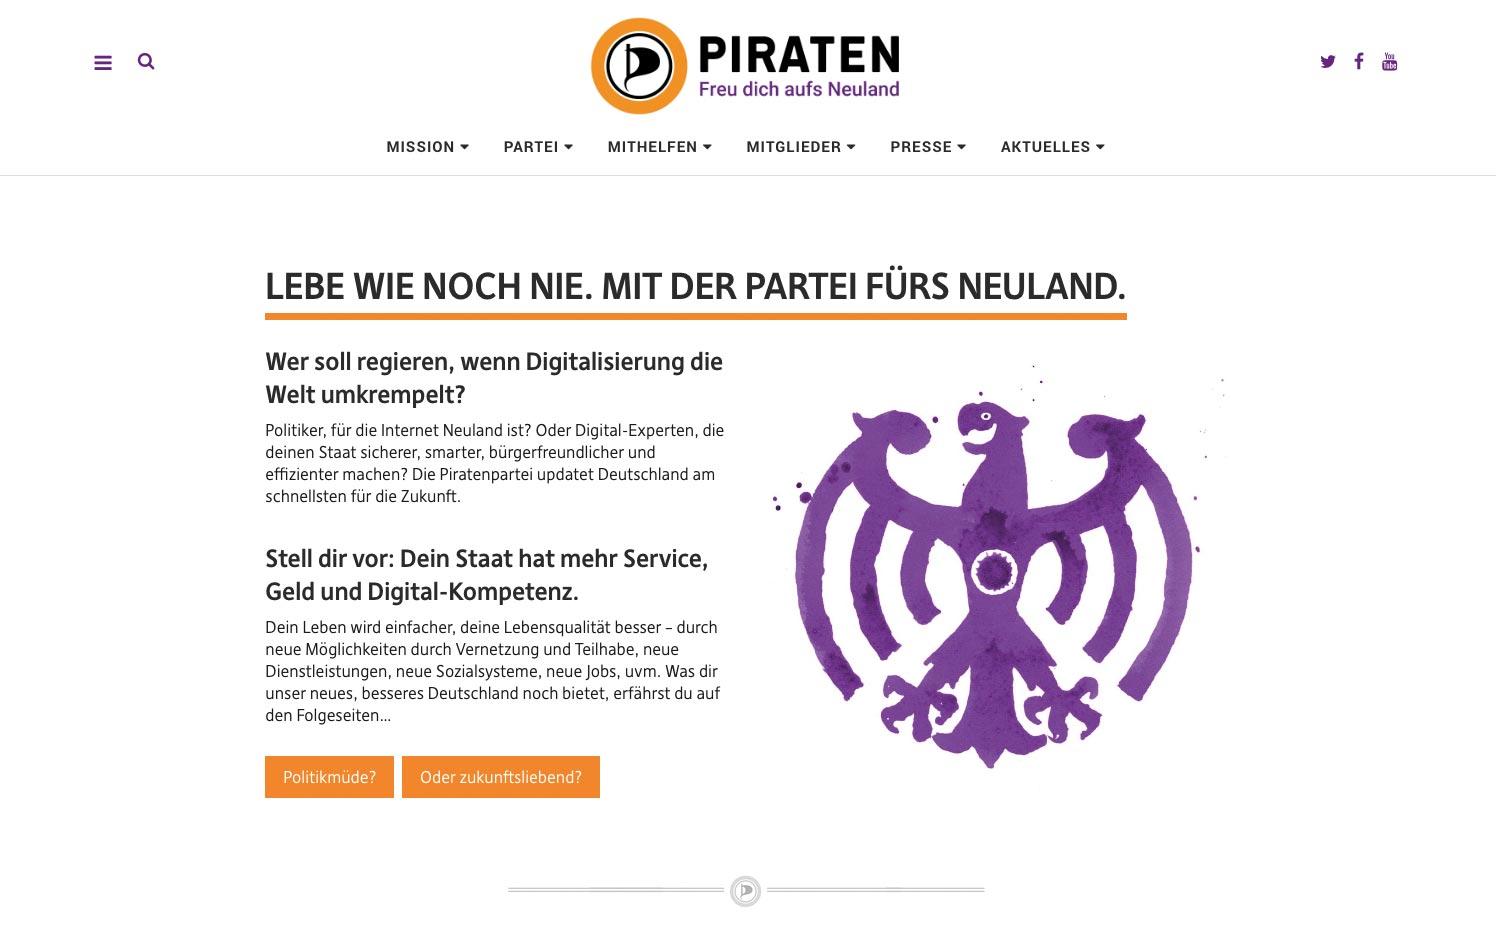 wiese_pirate_rogue_1.tif_fmt1.jpg